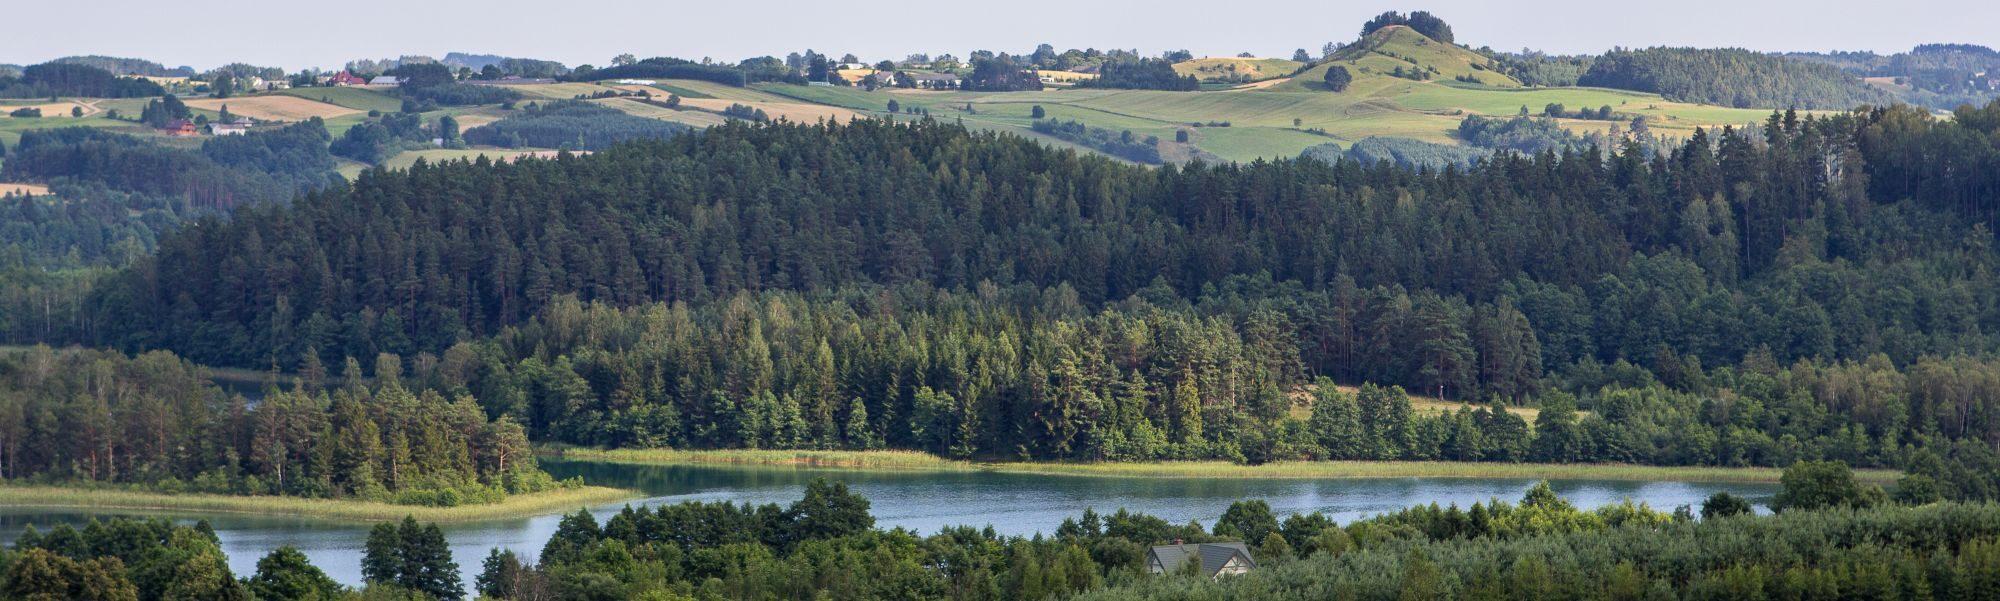 Panorama smolnicka